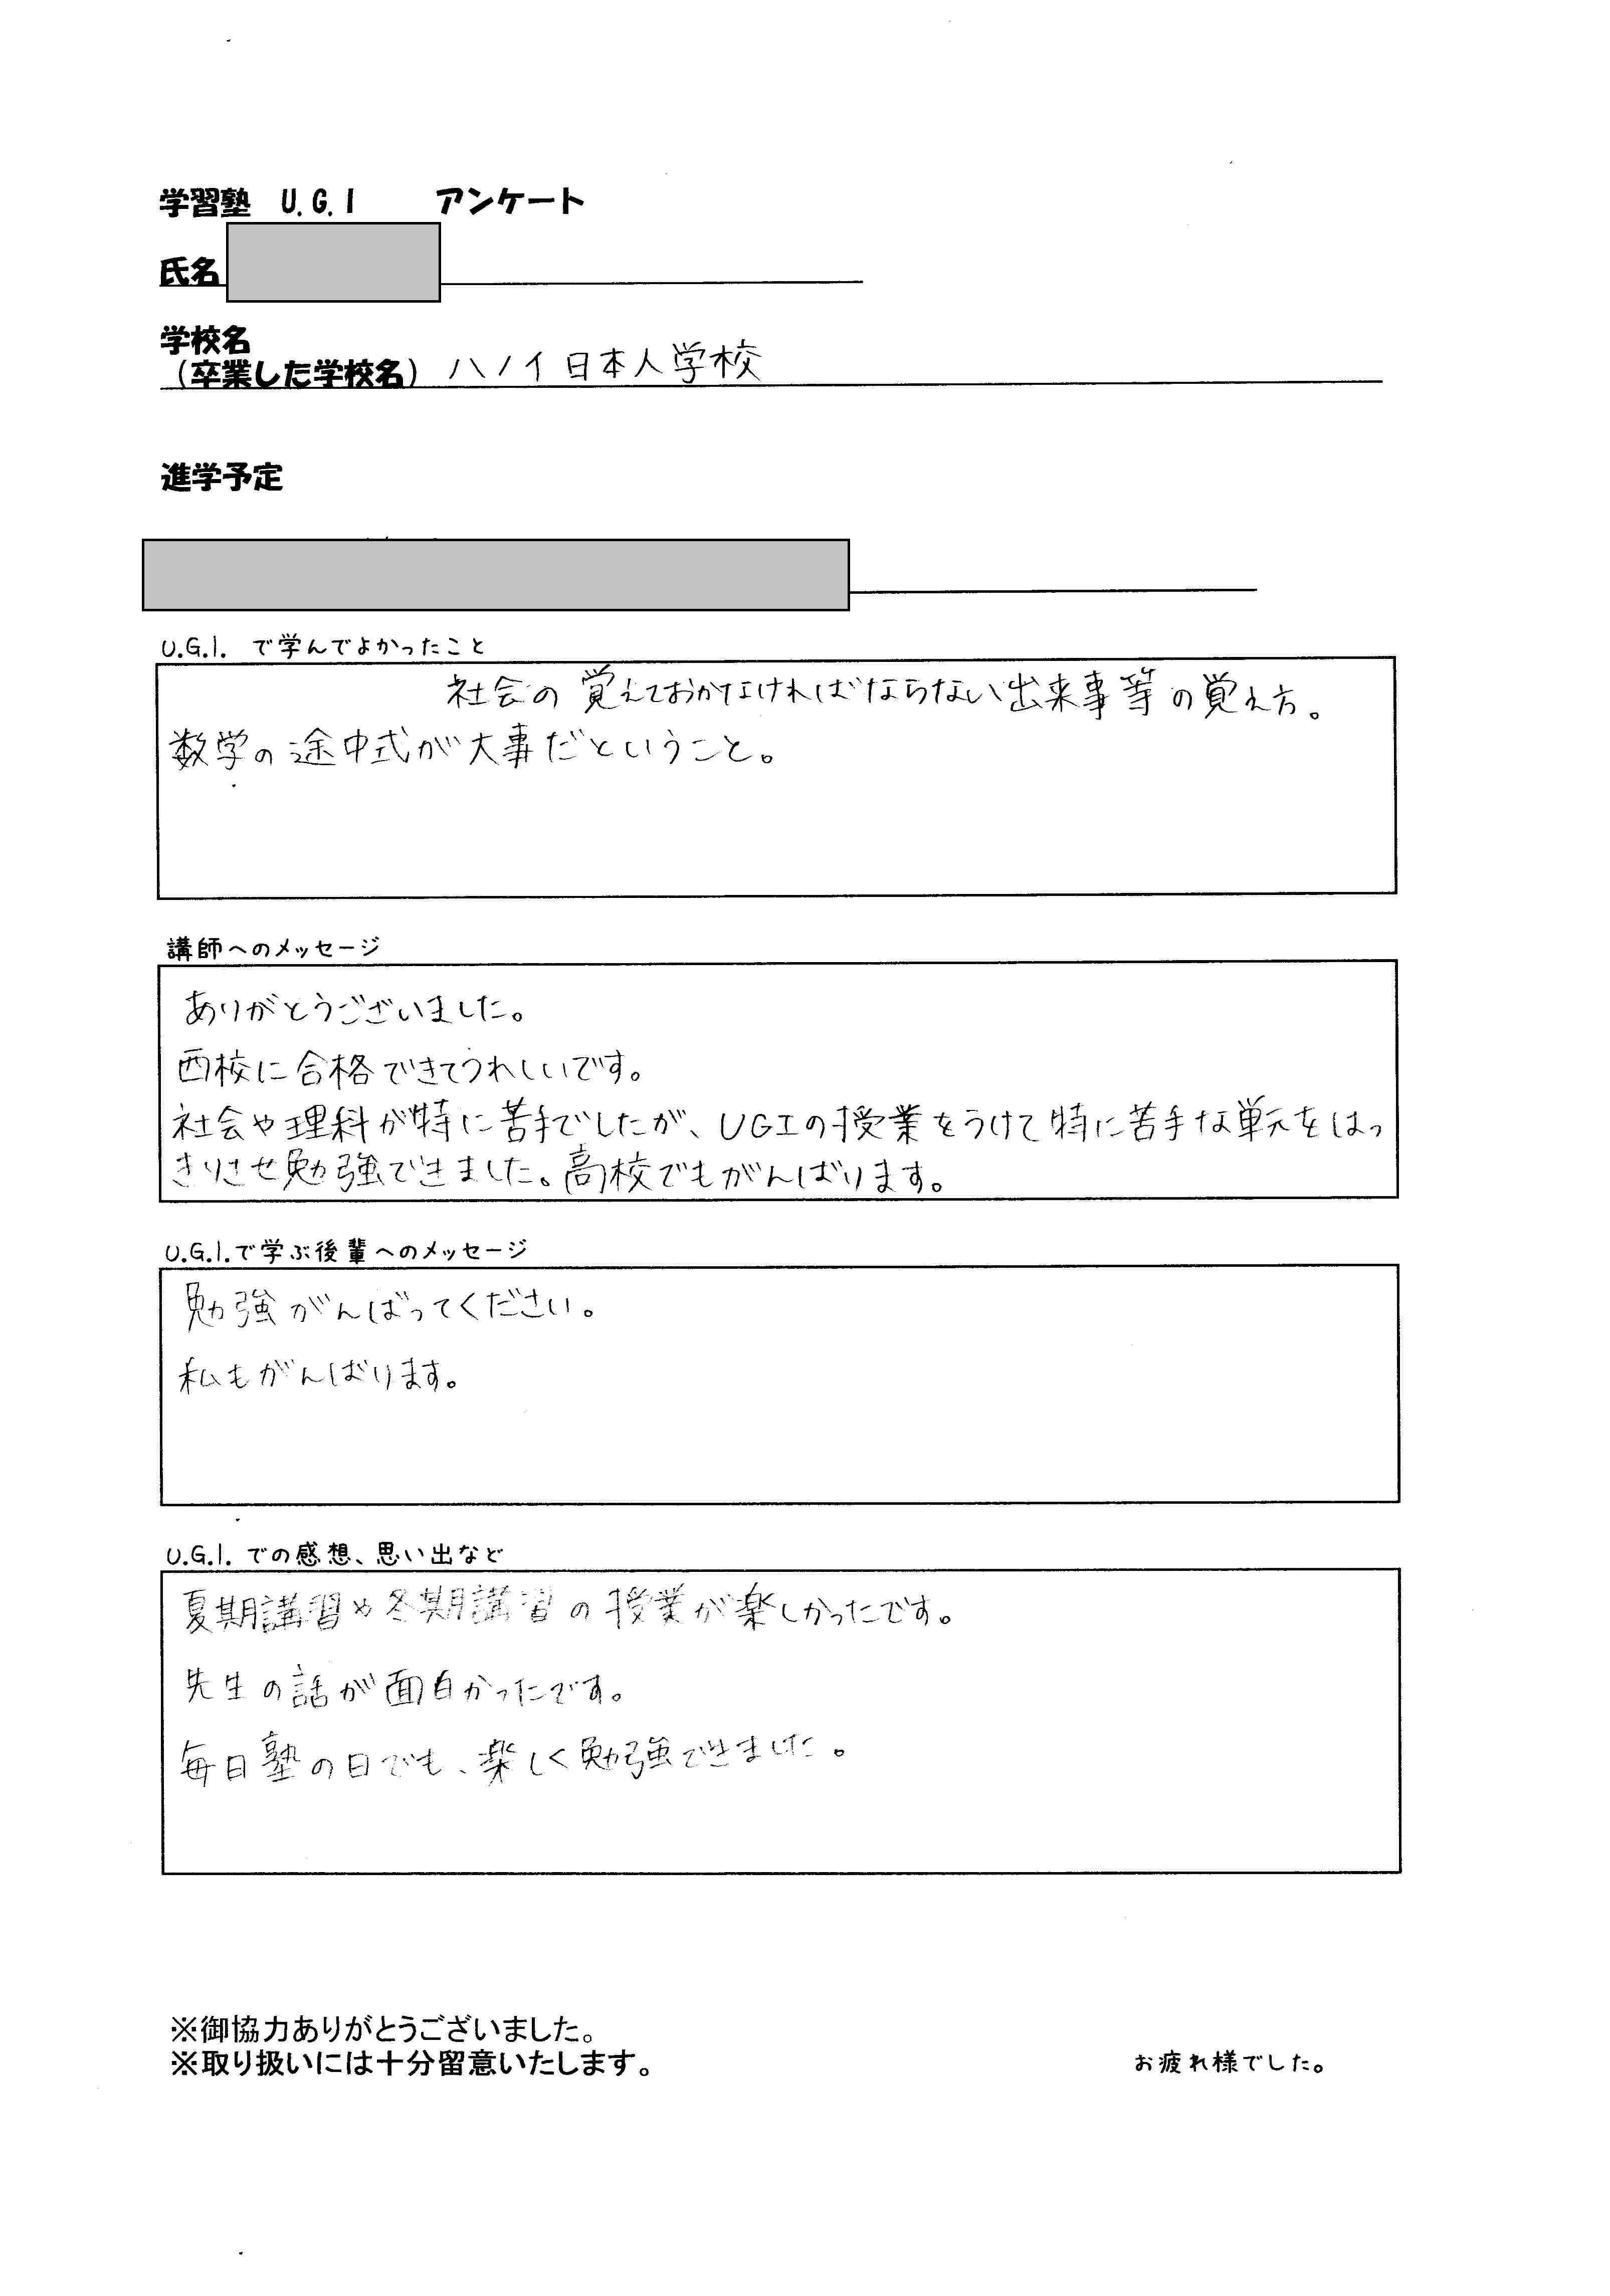 goukaku_2014-2_D.jpg